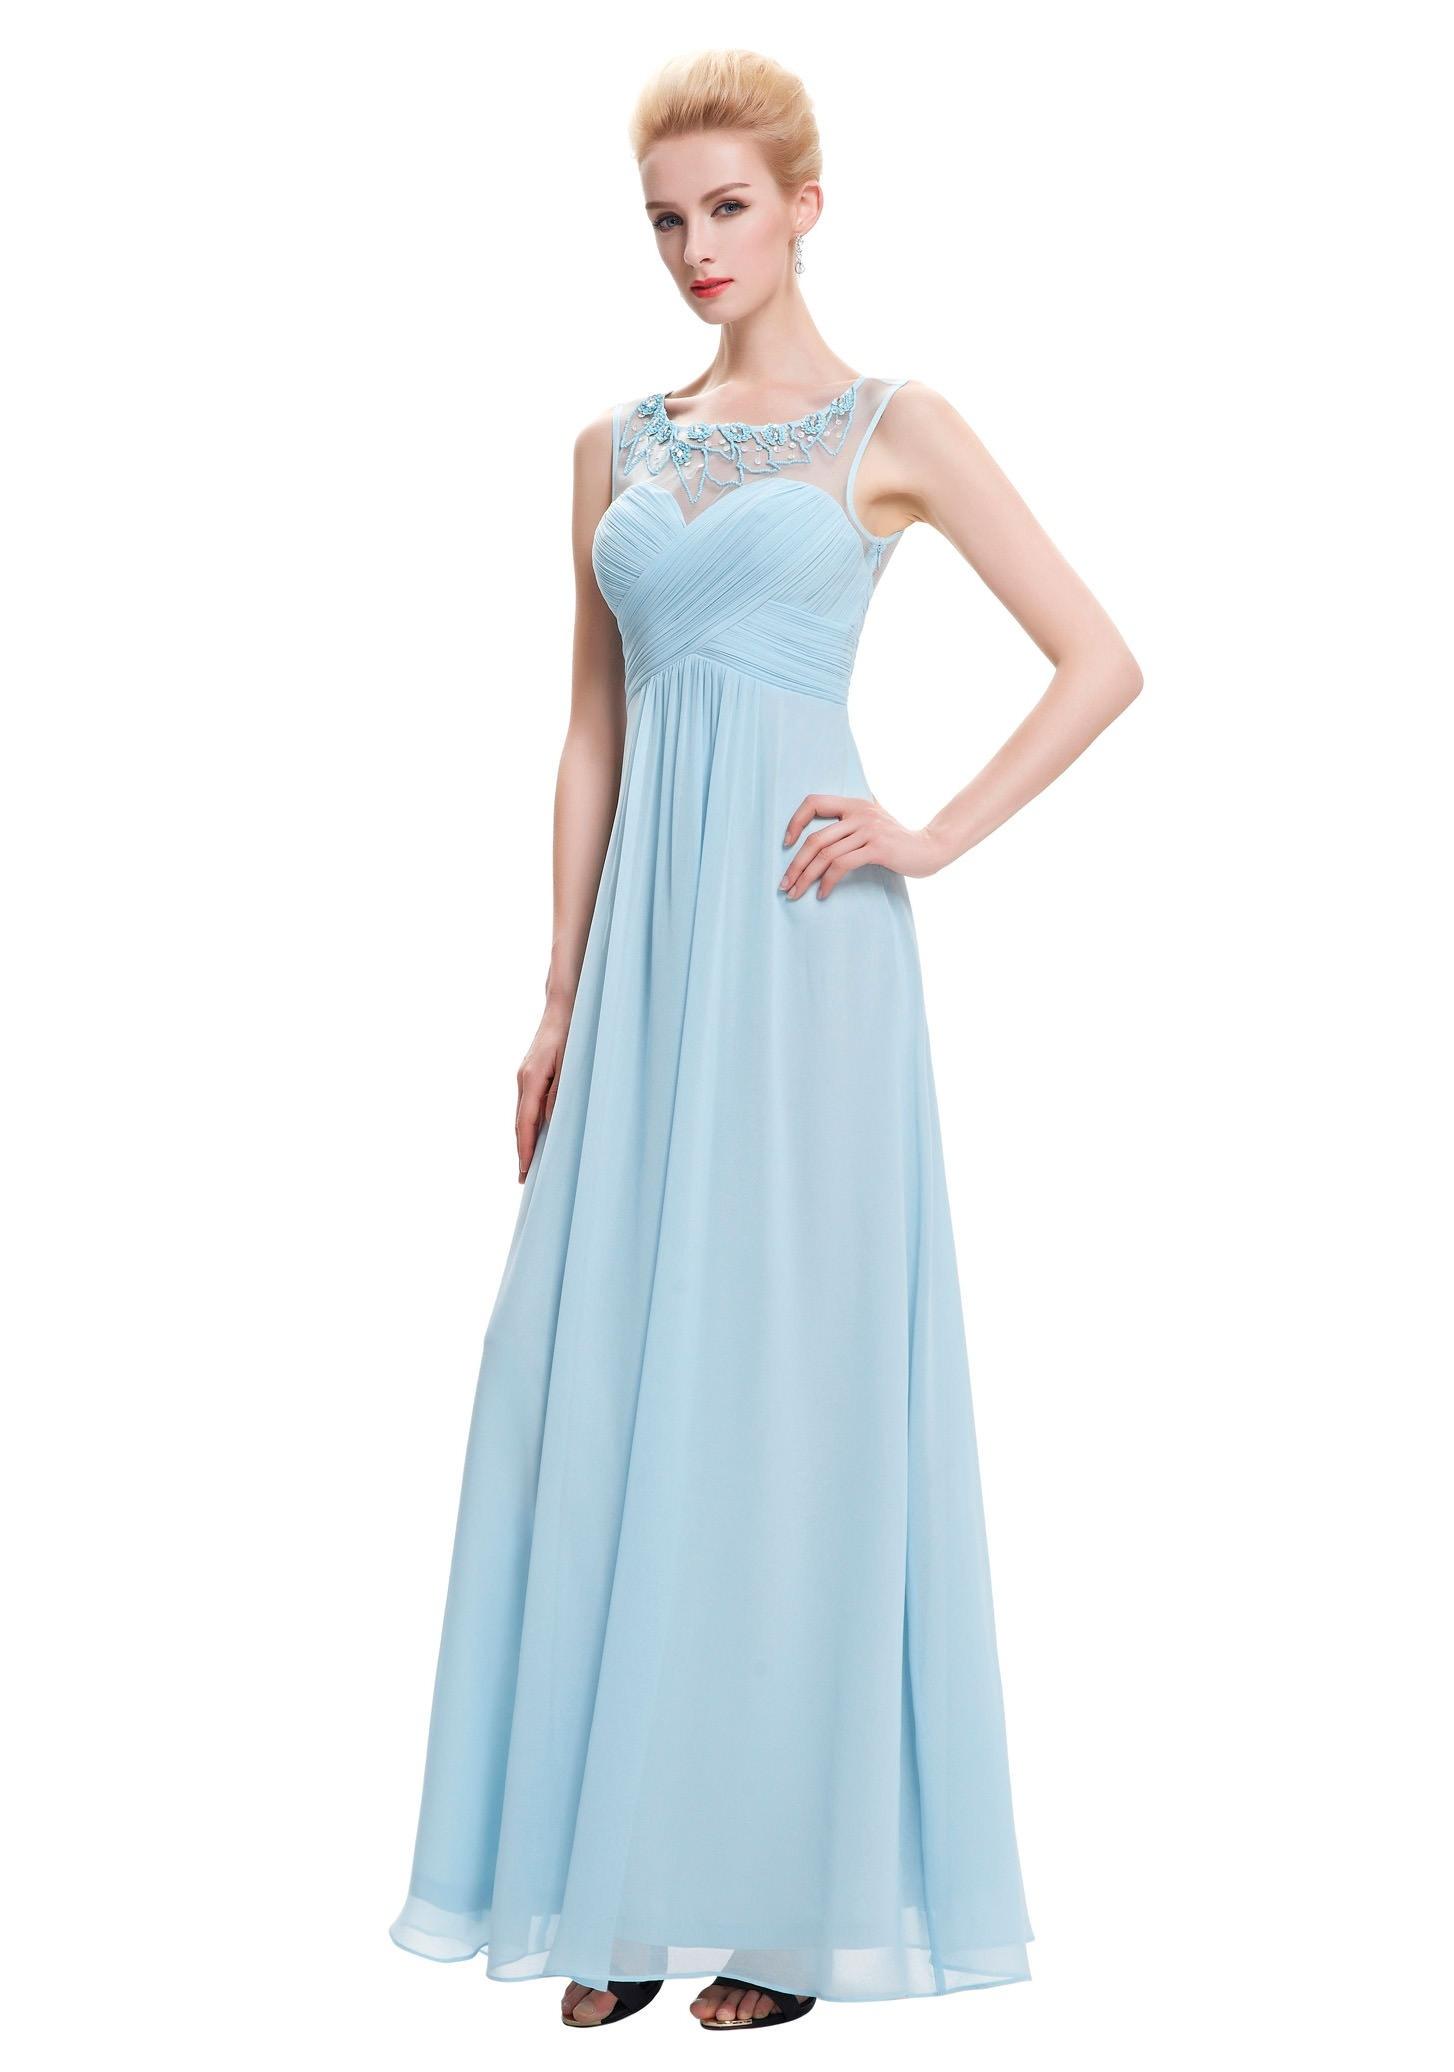 10 Cool Exklusive Abendkleider Vertrieb20 Cool Exklusive Abendkleider Bester Preis